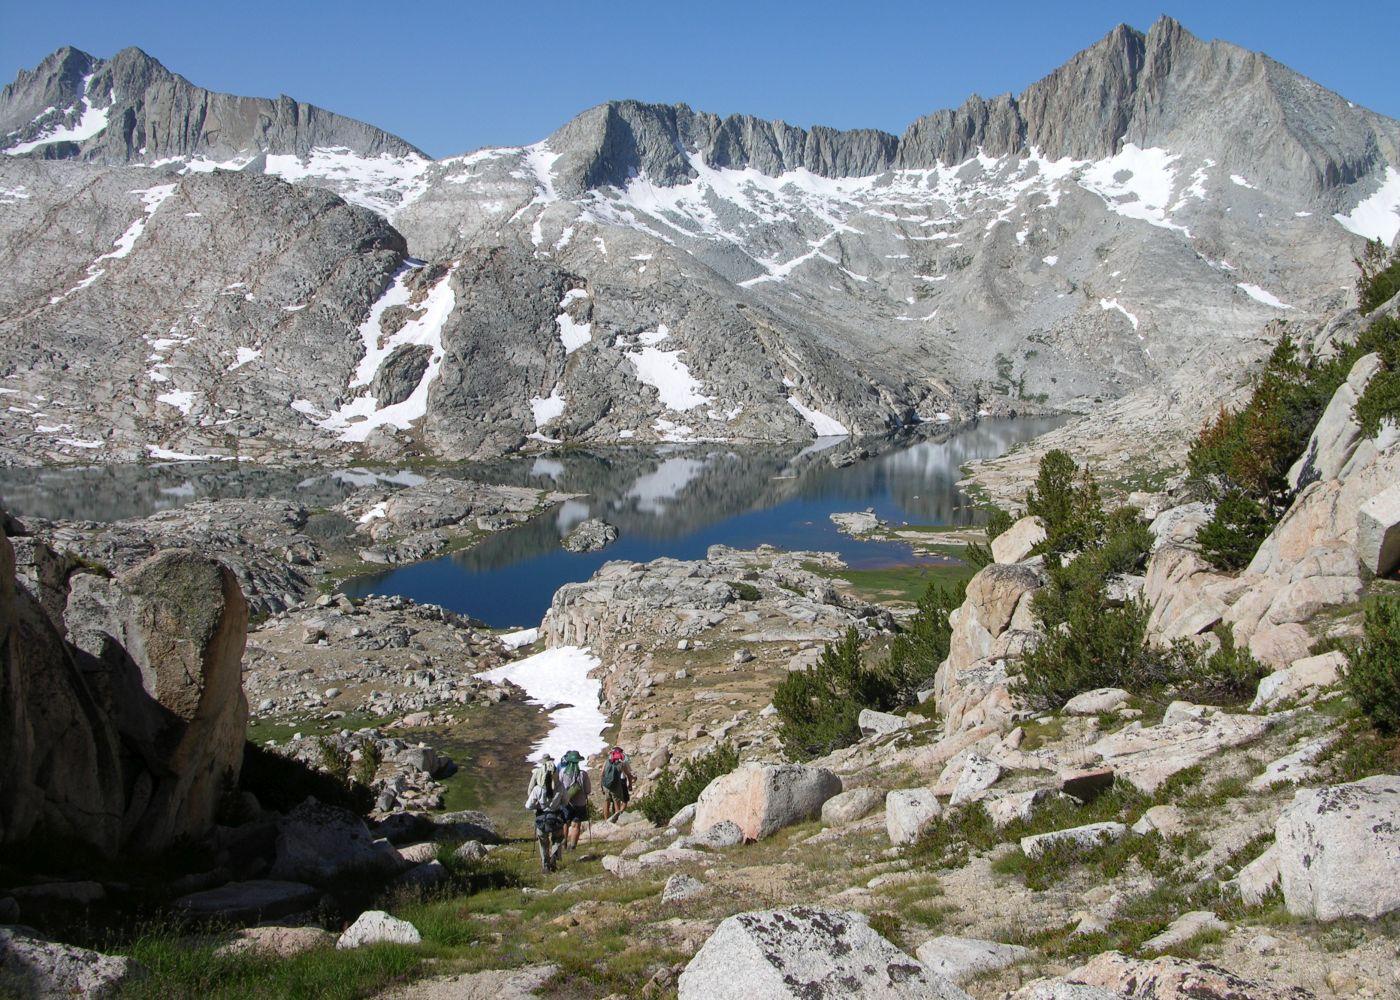 Backpack the John Muir Wilderness | Sierra Club Outings